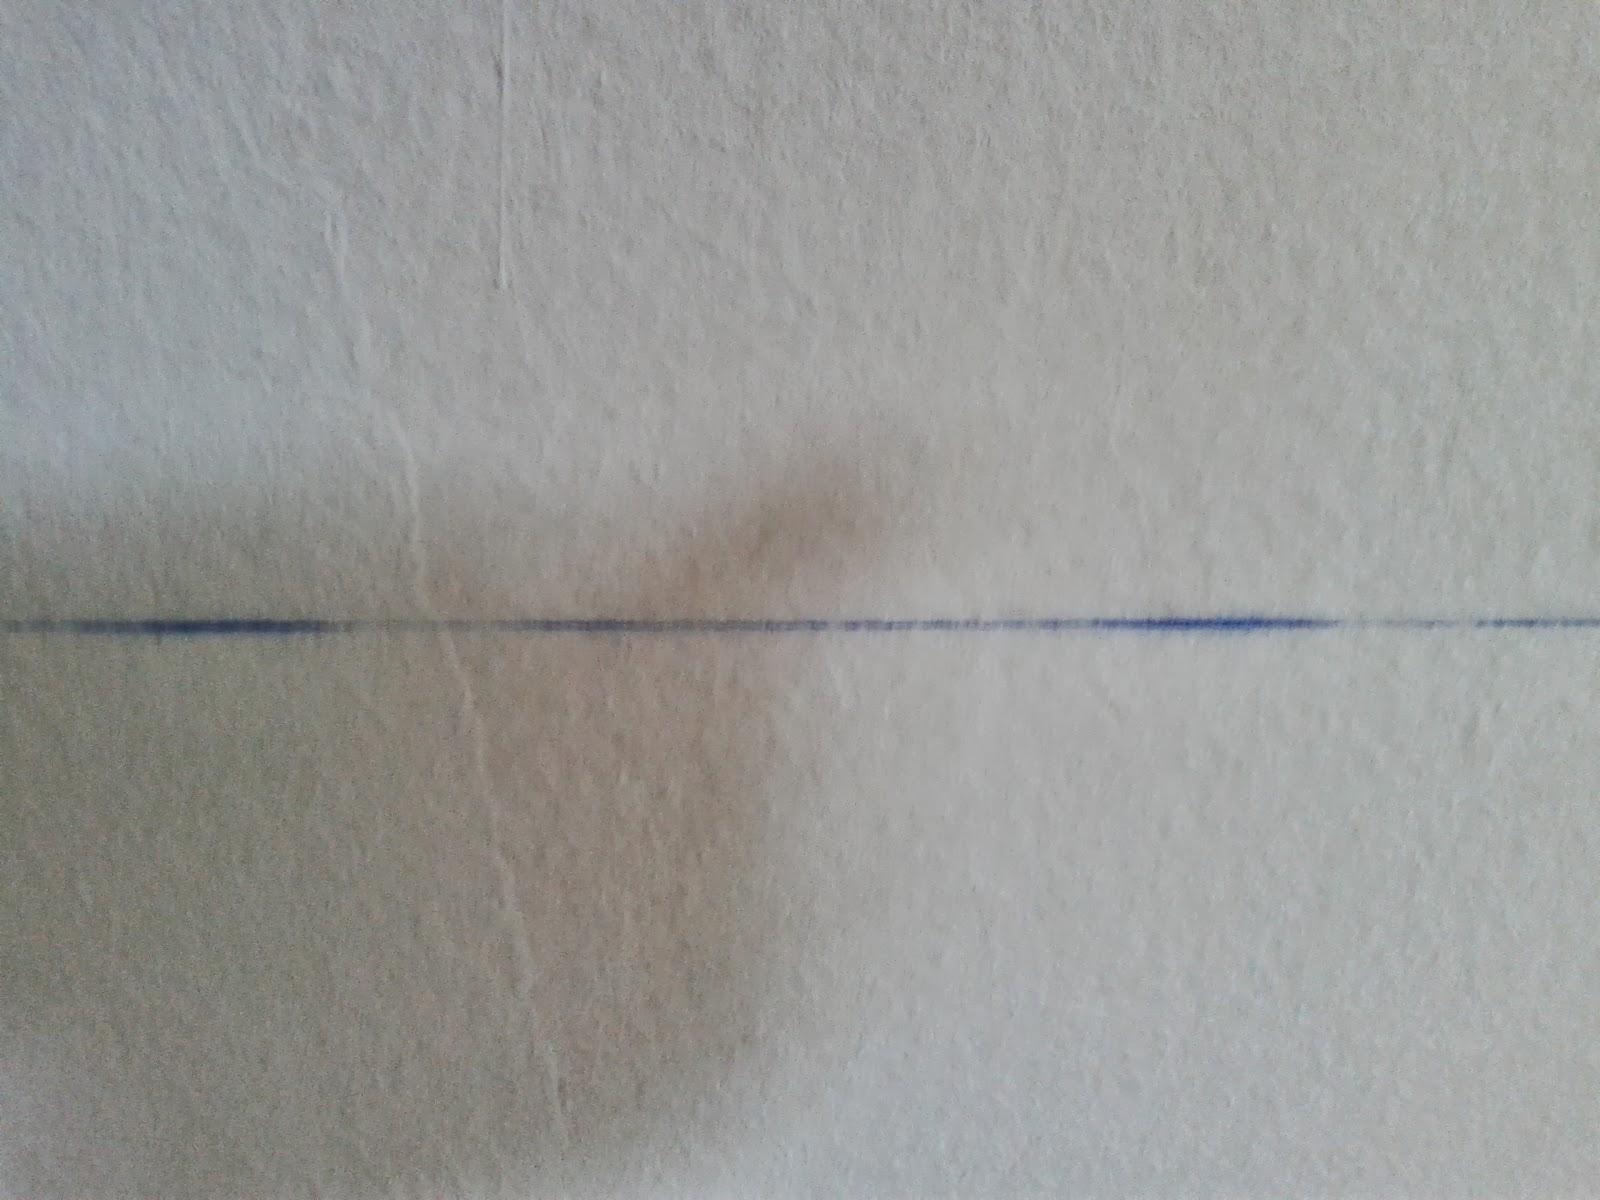 Dipingere Muri A Strisce : Metri quadri di mondo il tiralinee per dipingere il muro